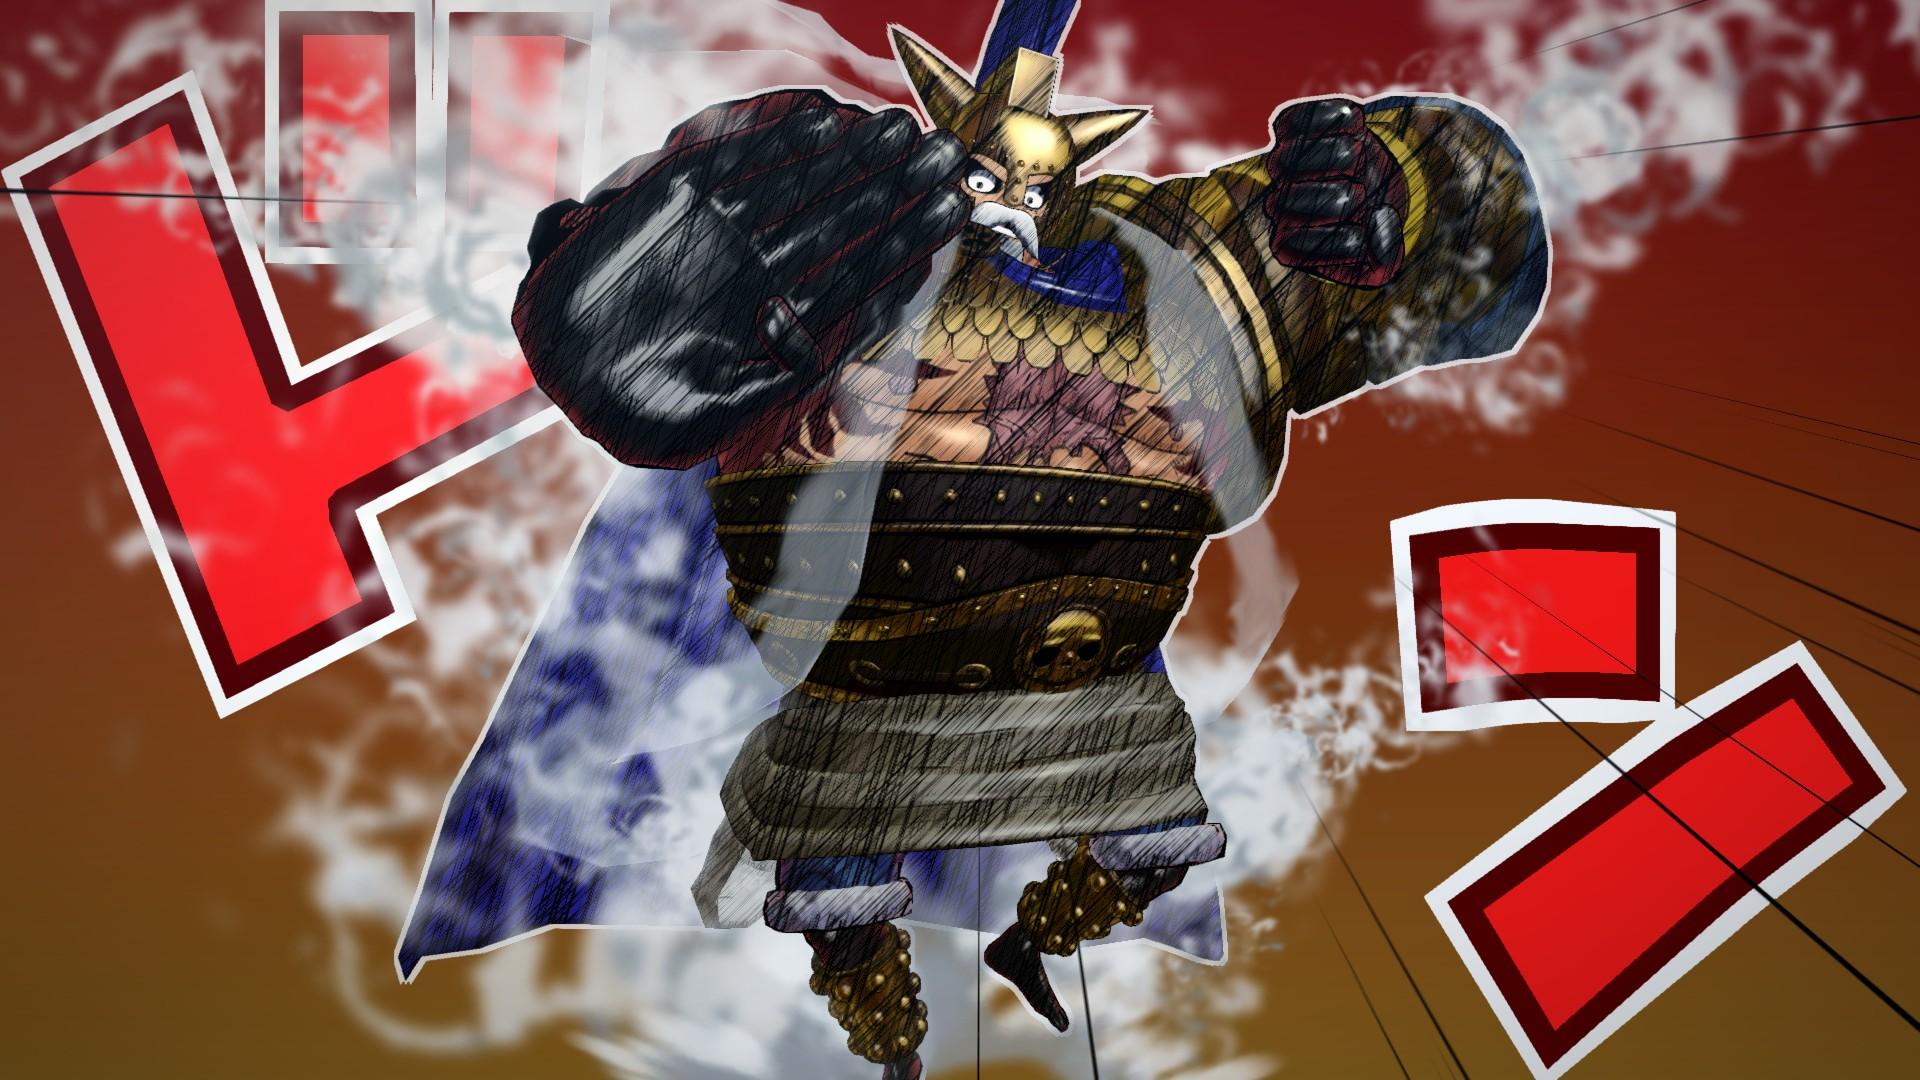 Bonusy za předobjednávku digitálních kopií One Piece: Burning Blood 122777